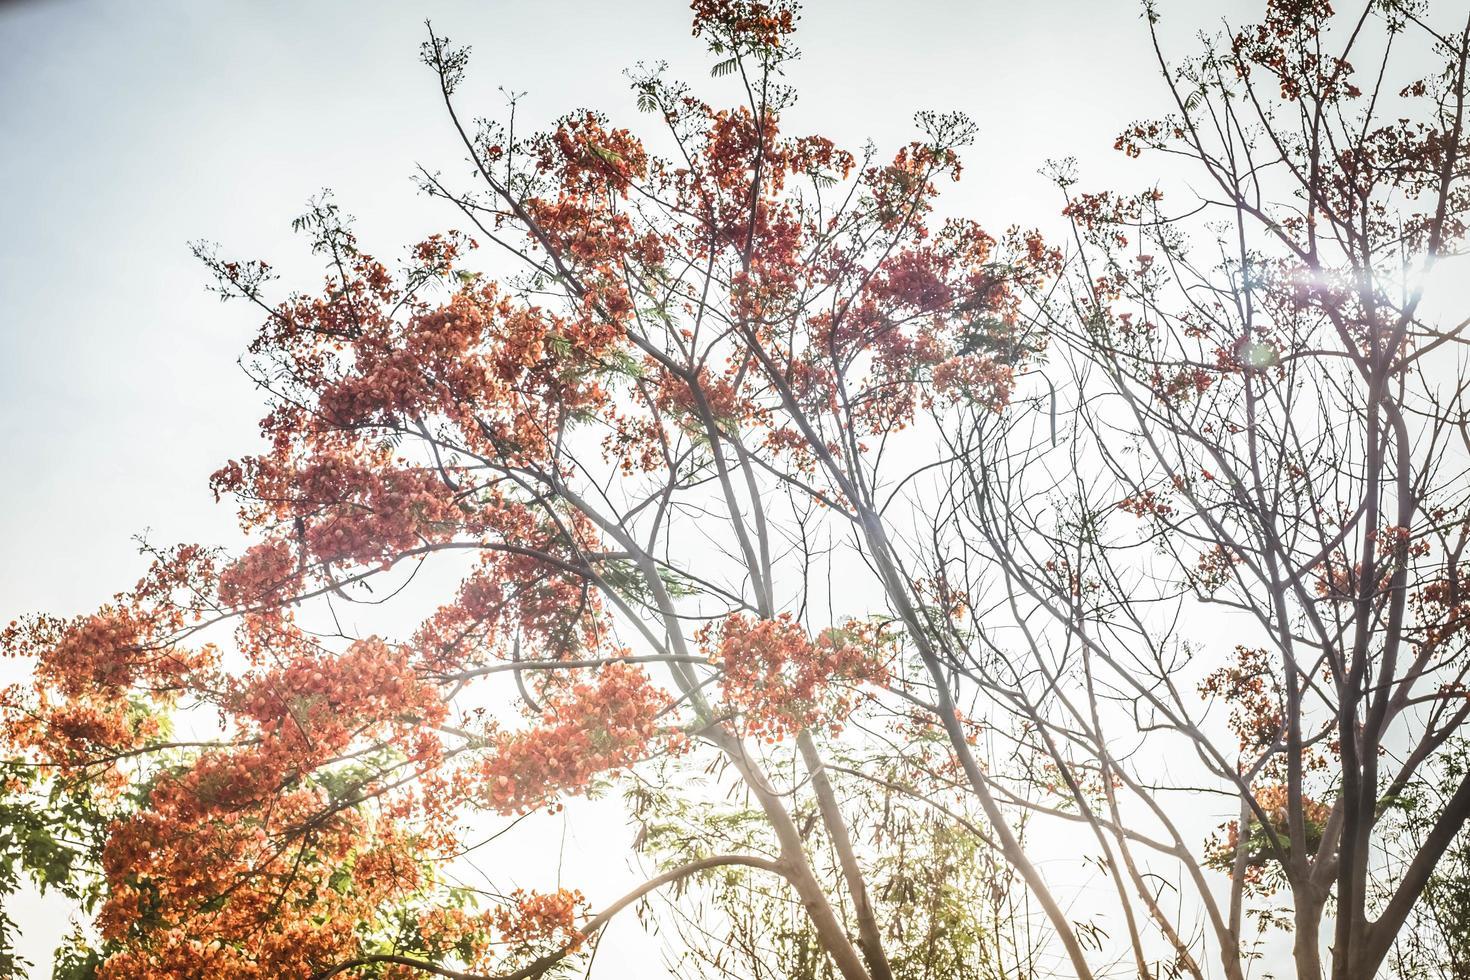 zonlicht schijnt door vlammenboom, koninklijke poinciana foto